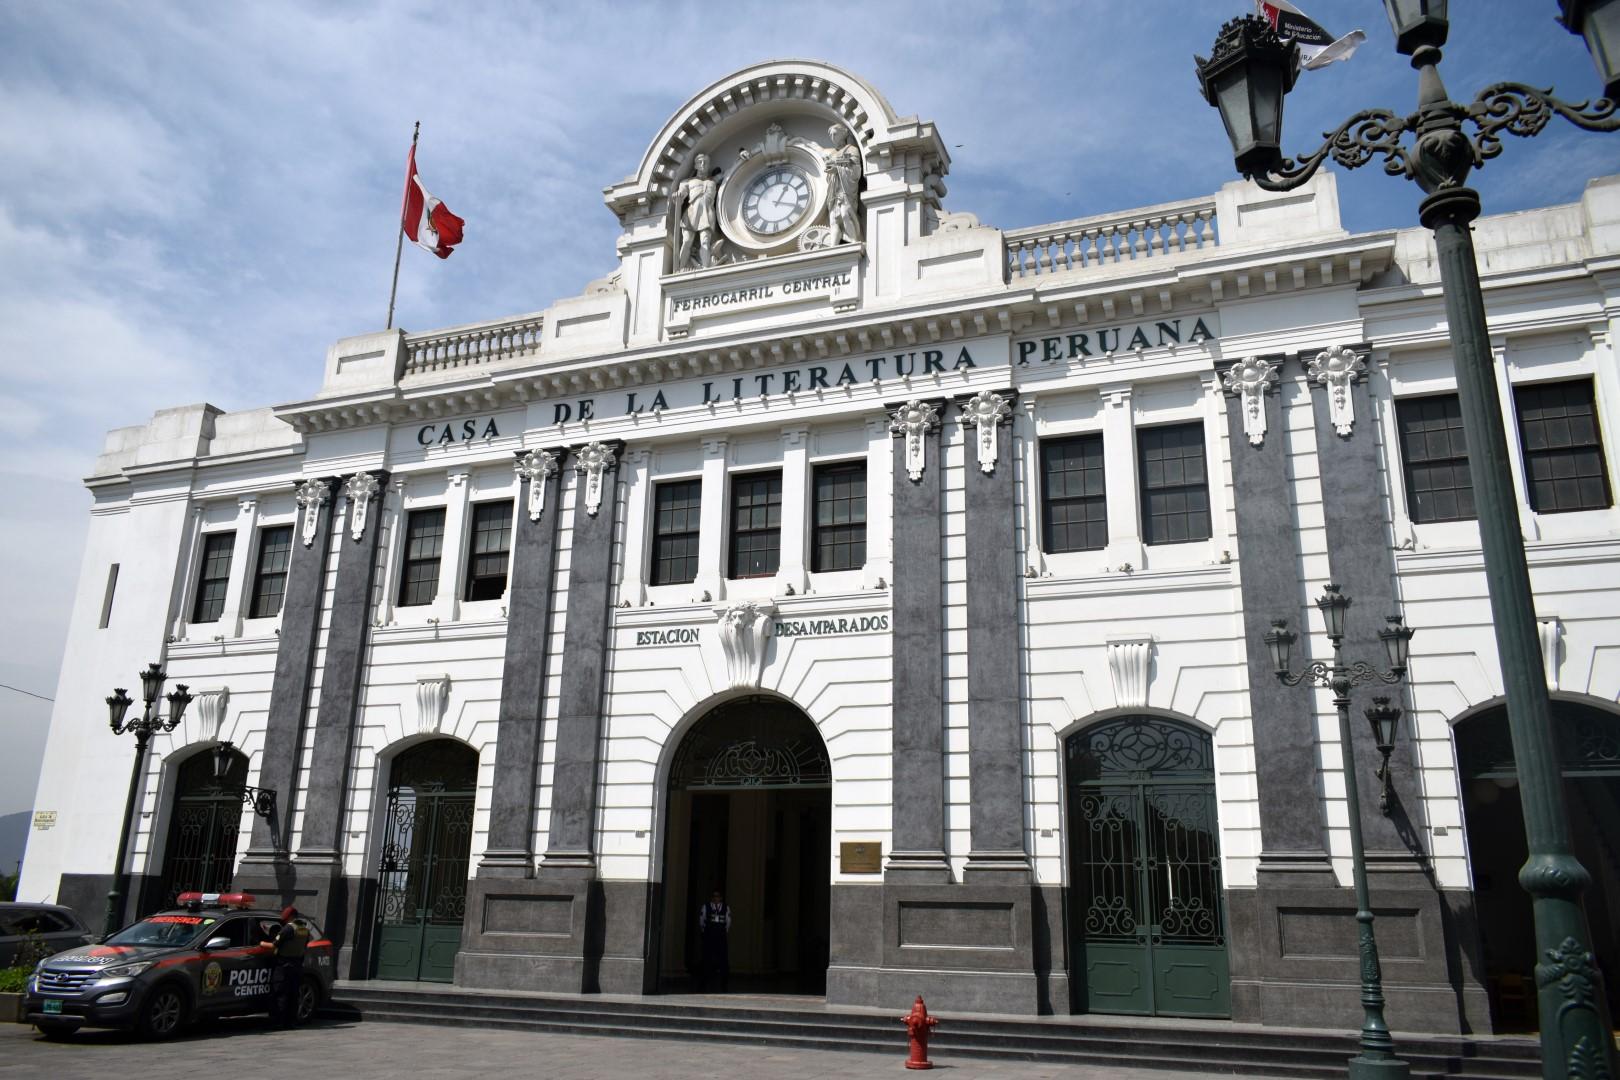 Casa de la Literatura Peruana, Jirón Ancash 207, Cercado de Lima